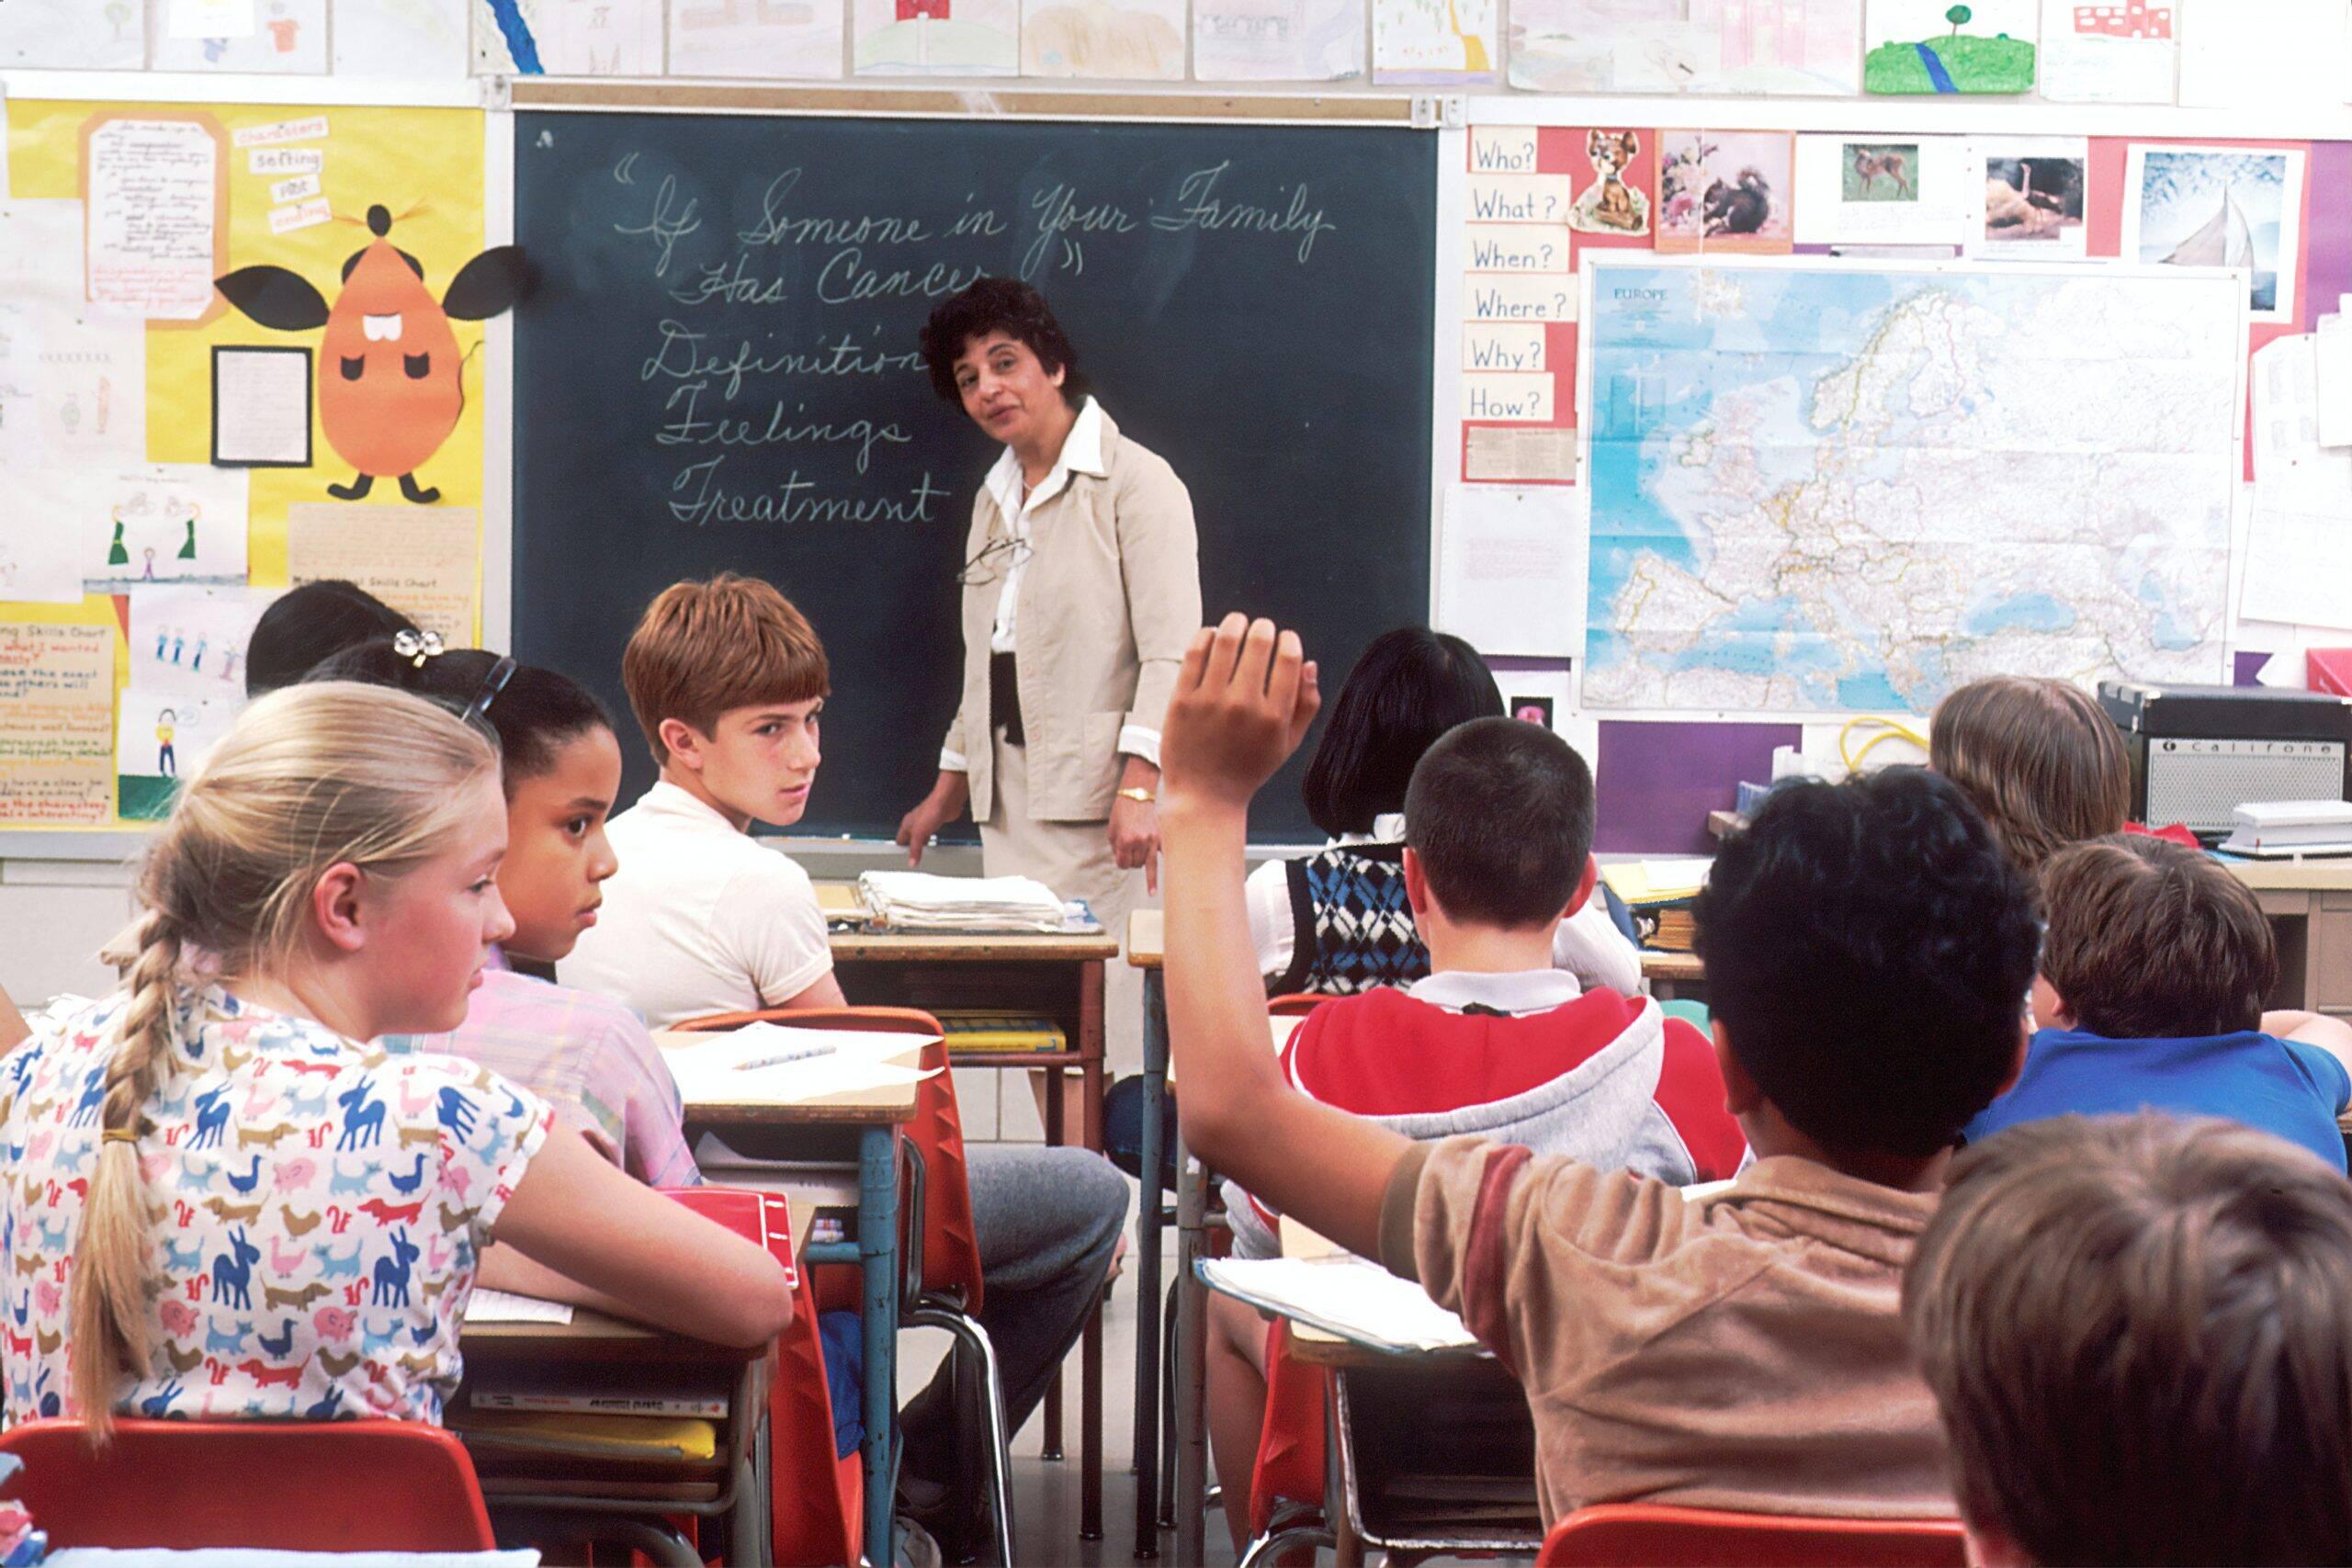 Internações de crianças por covid-19 aumentam em 23% na Flórida antes de reabertura das escolas